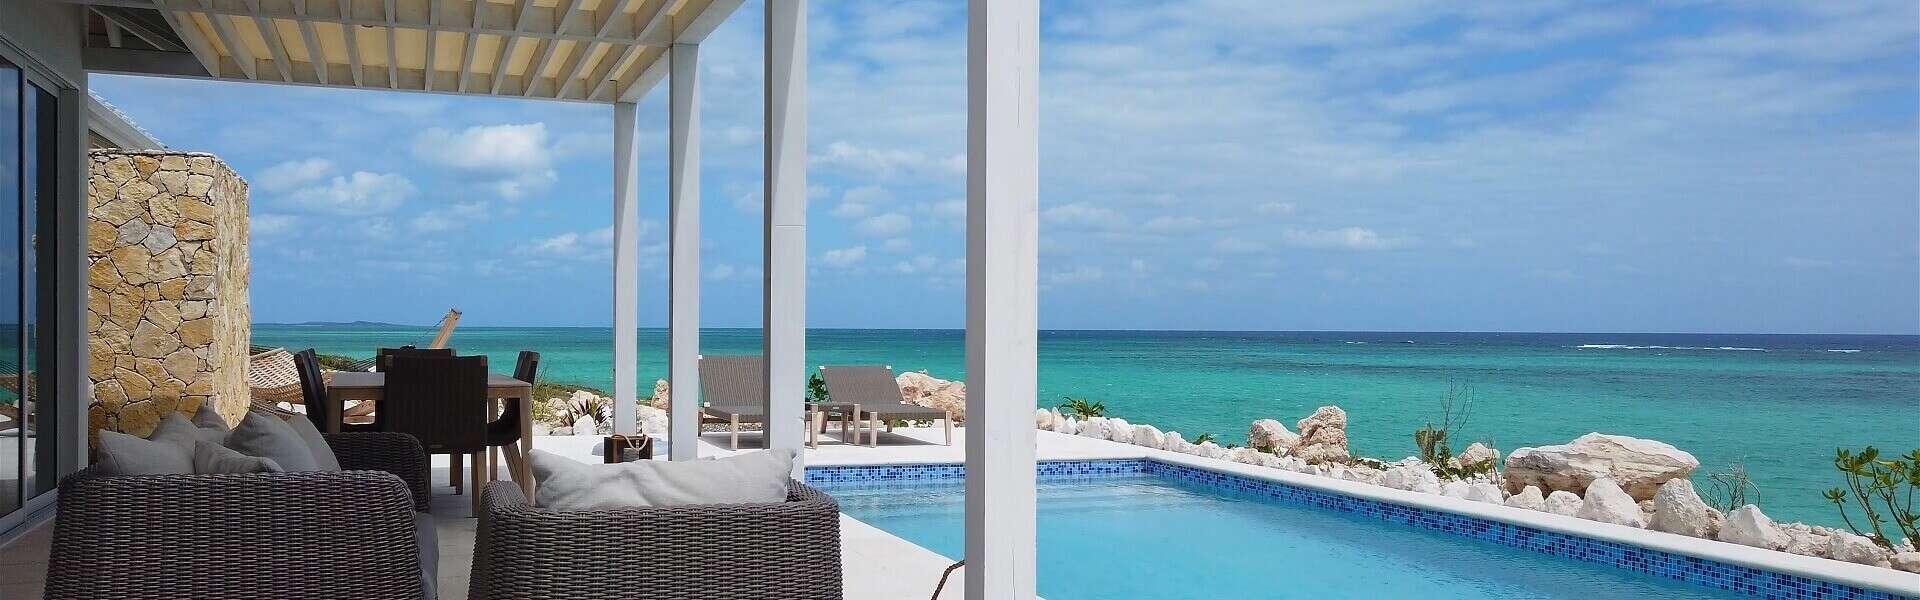 Luxury villa rentals caribbean - Turks and caicos - South caicos - Sailrock resort - Coral Villa | 3 Bedroom - Image 1/20